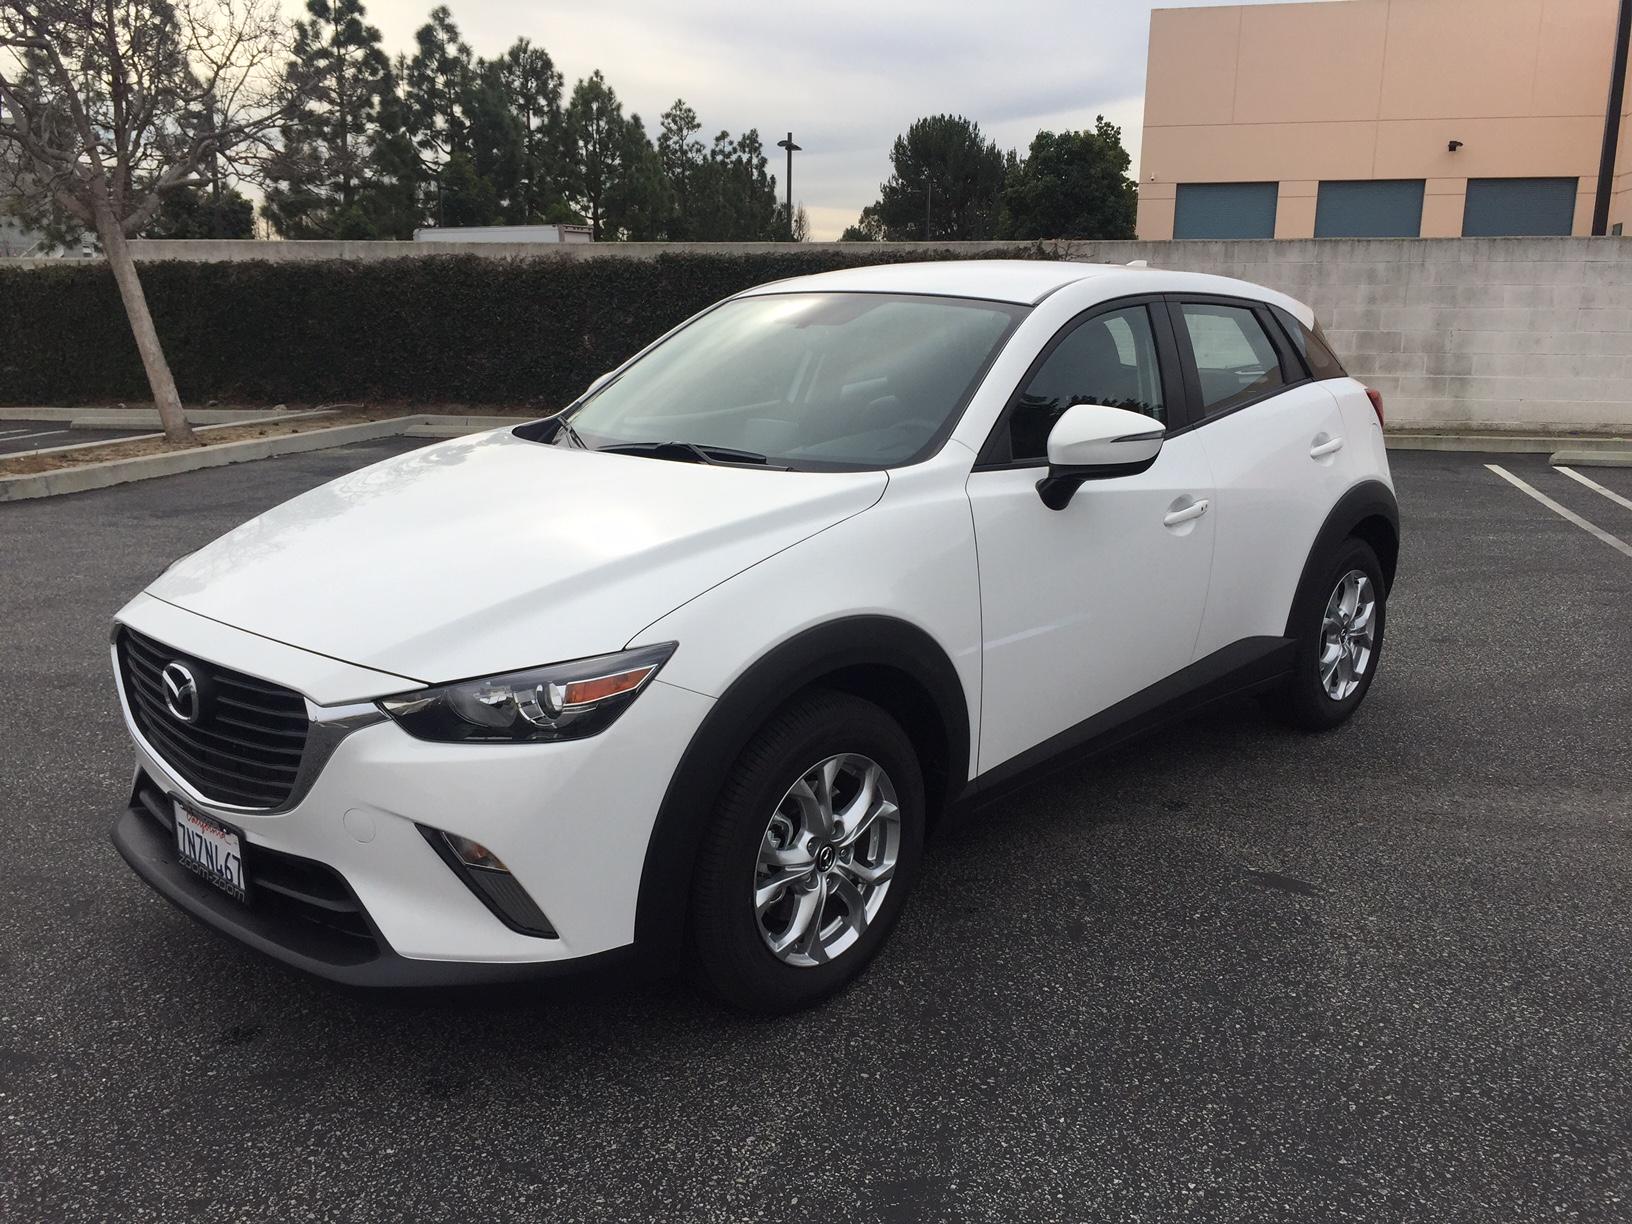 Driving Mazda's 2016 CX-3